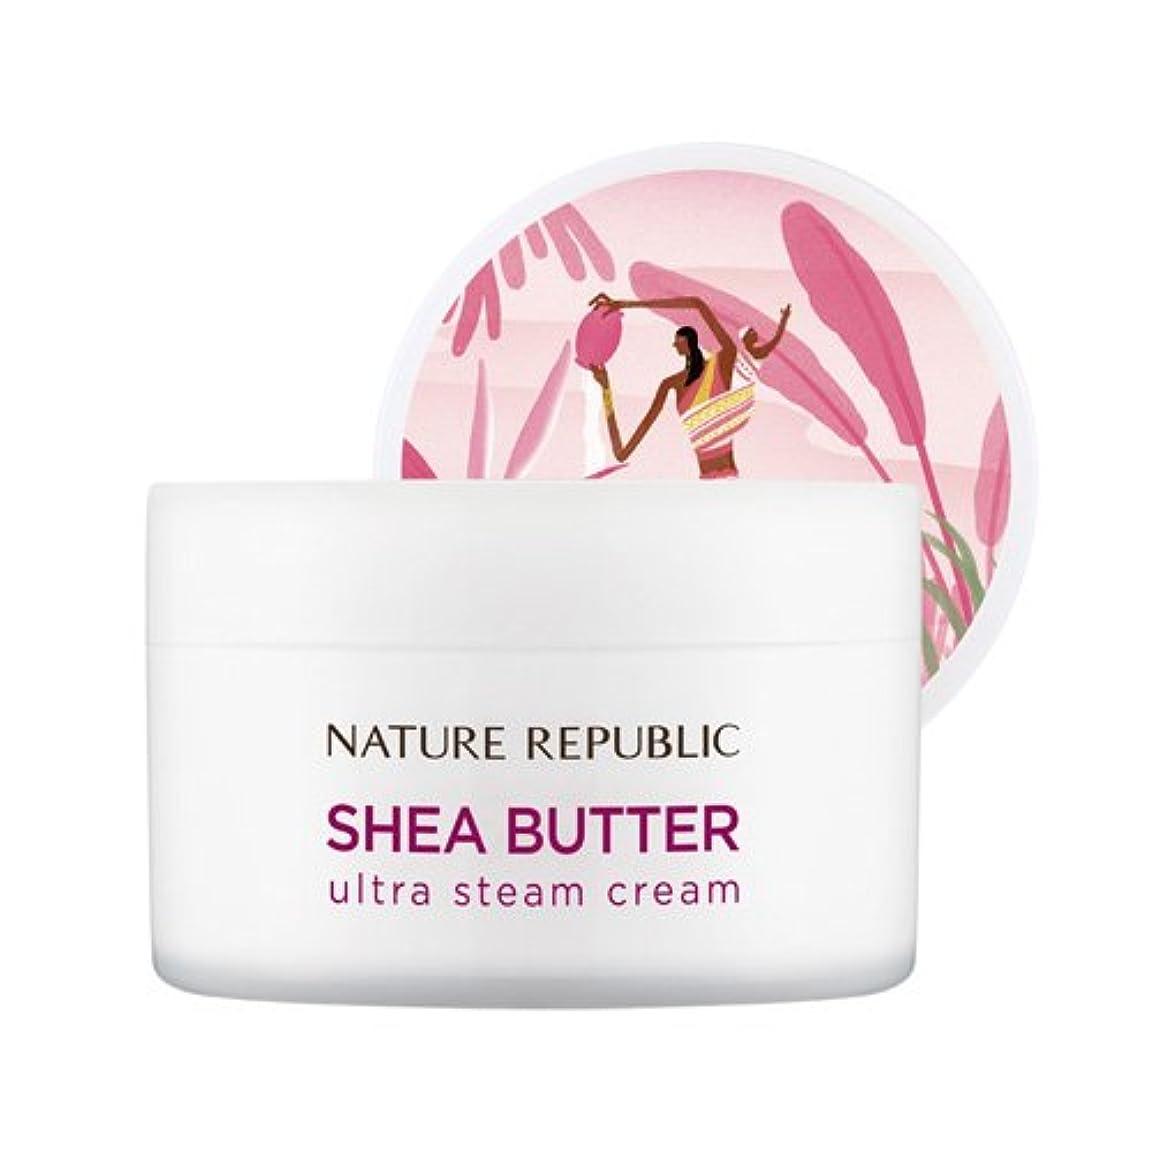 集計衣装納税者[ネイチャーリパブリック] NATURE REPUBLIC [スチームクリーム 100ml] (Shea Butter Steam Cream 100ml) (01 Ultra Steam Cream) [並行輸入品]